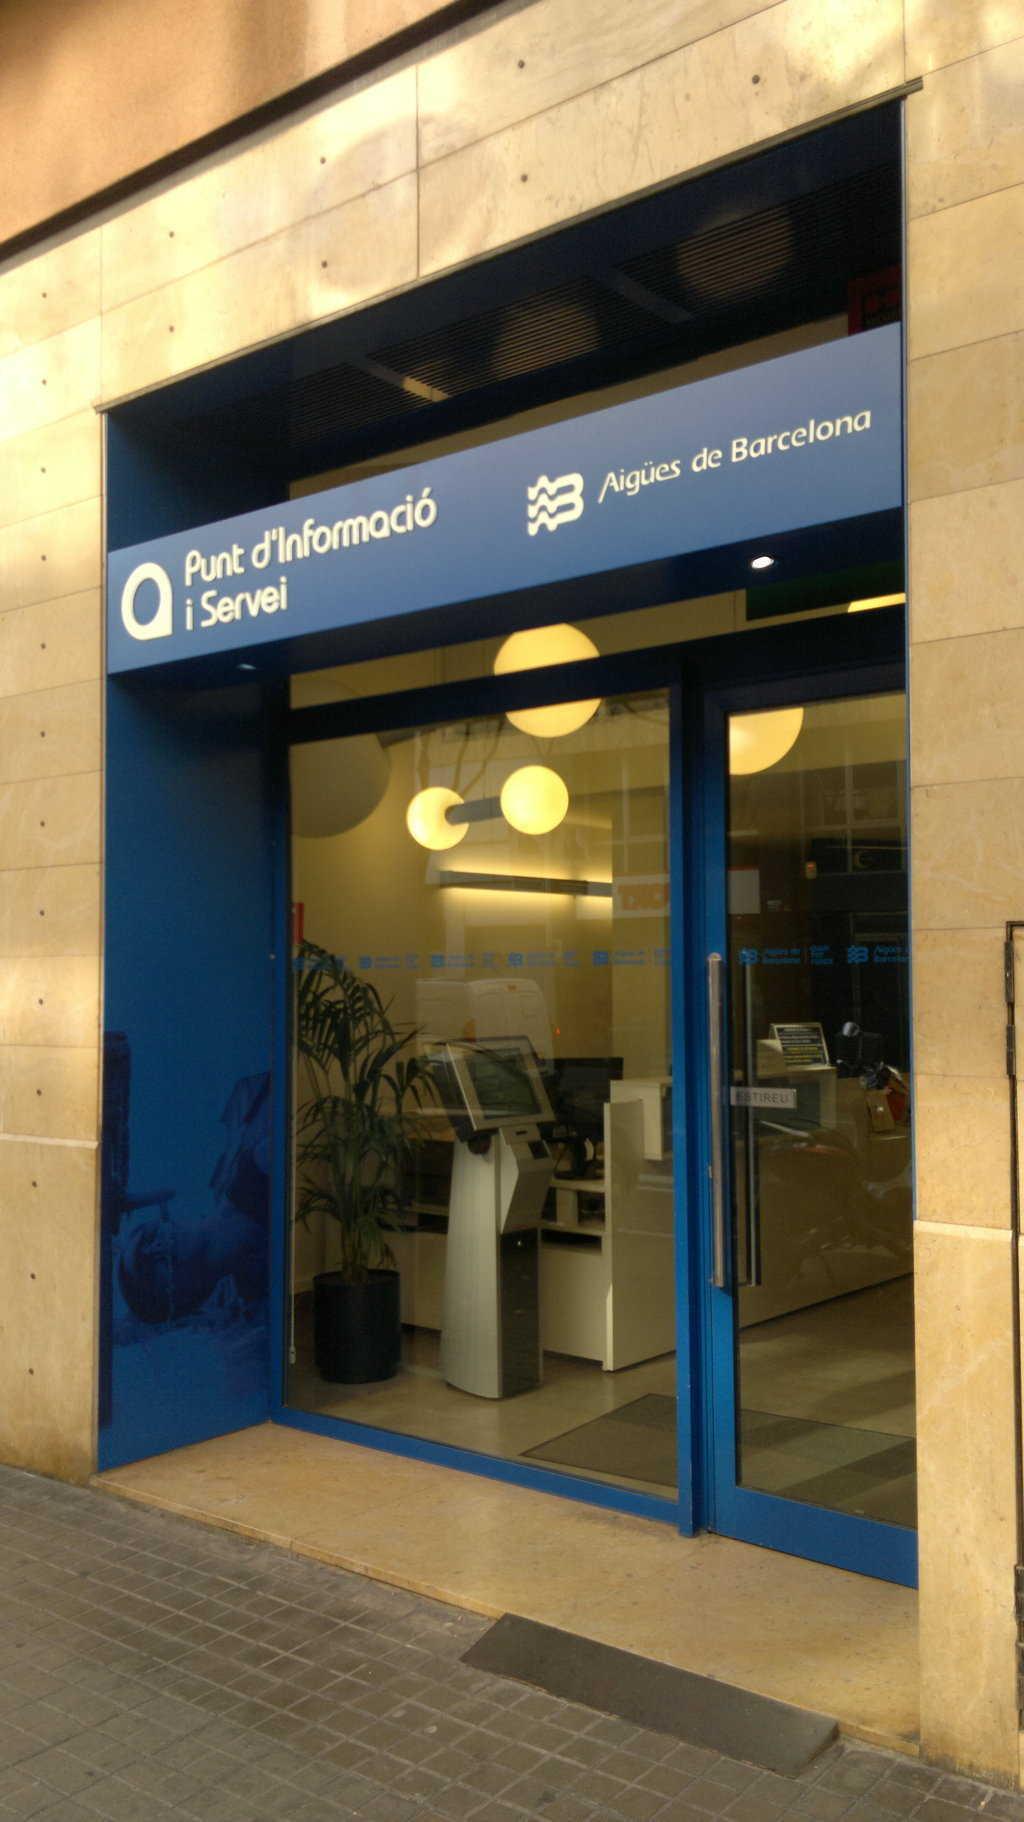 Oficina en red de aig es de barcelona for Oficinas seguridad social barcelona horarios